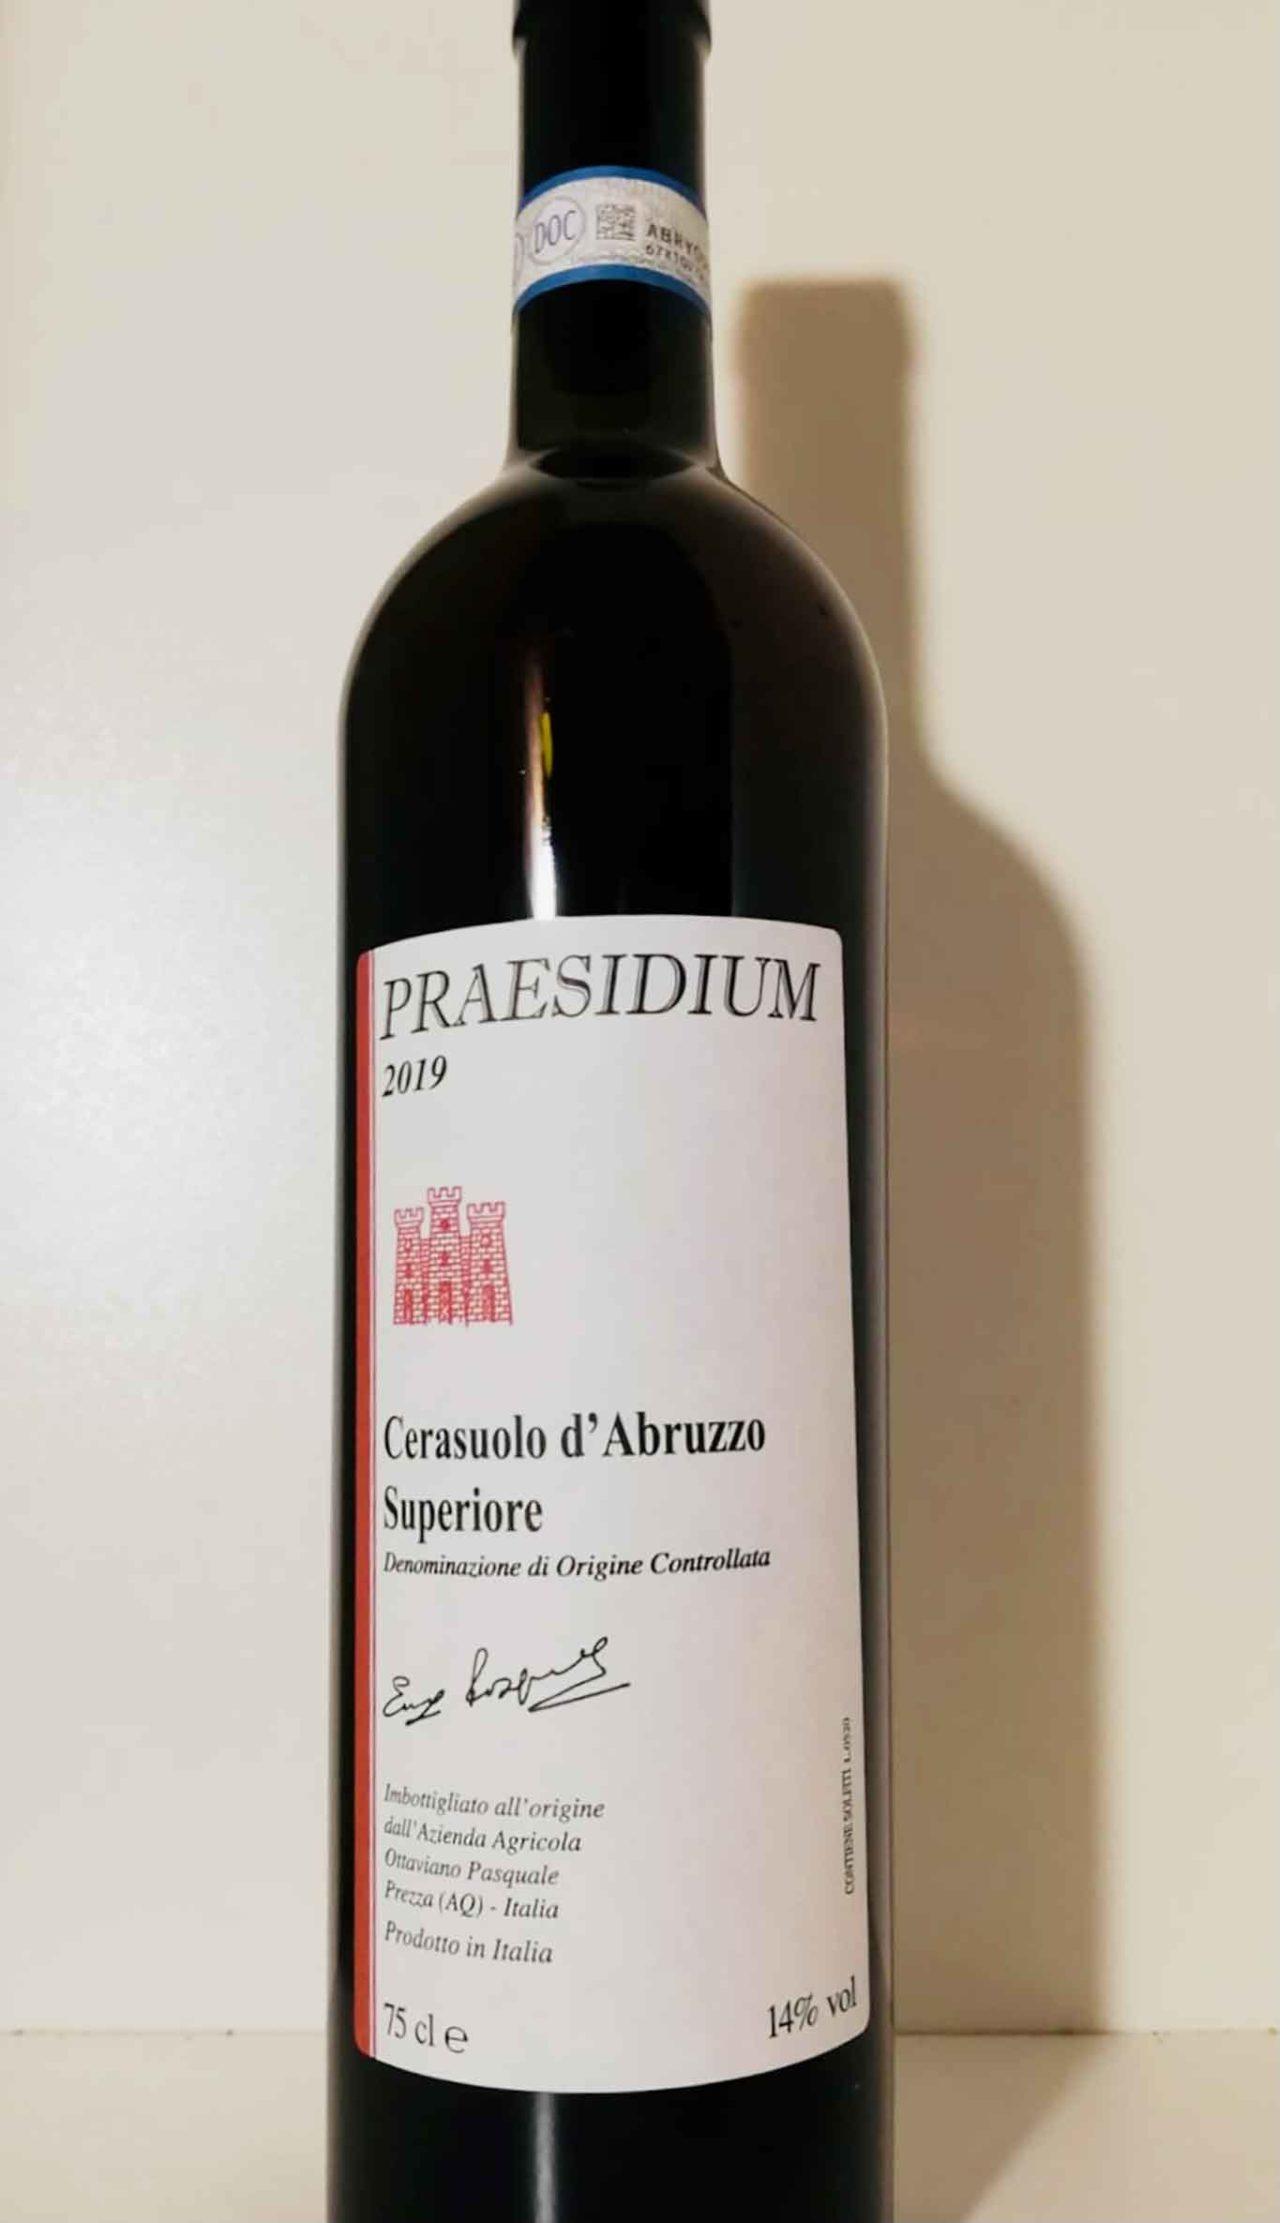 Cerasuolo d'Abruzzo Praesidium